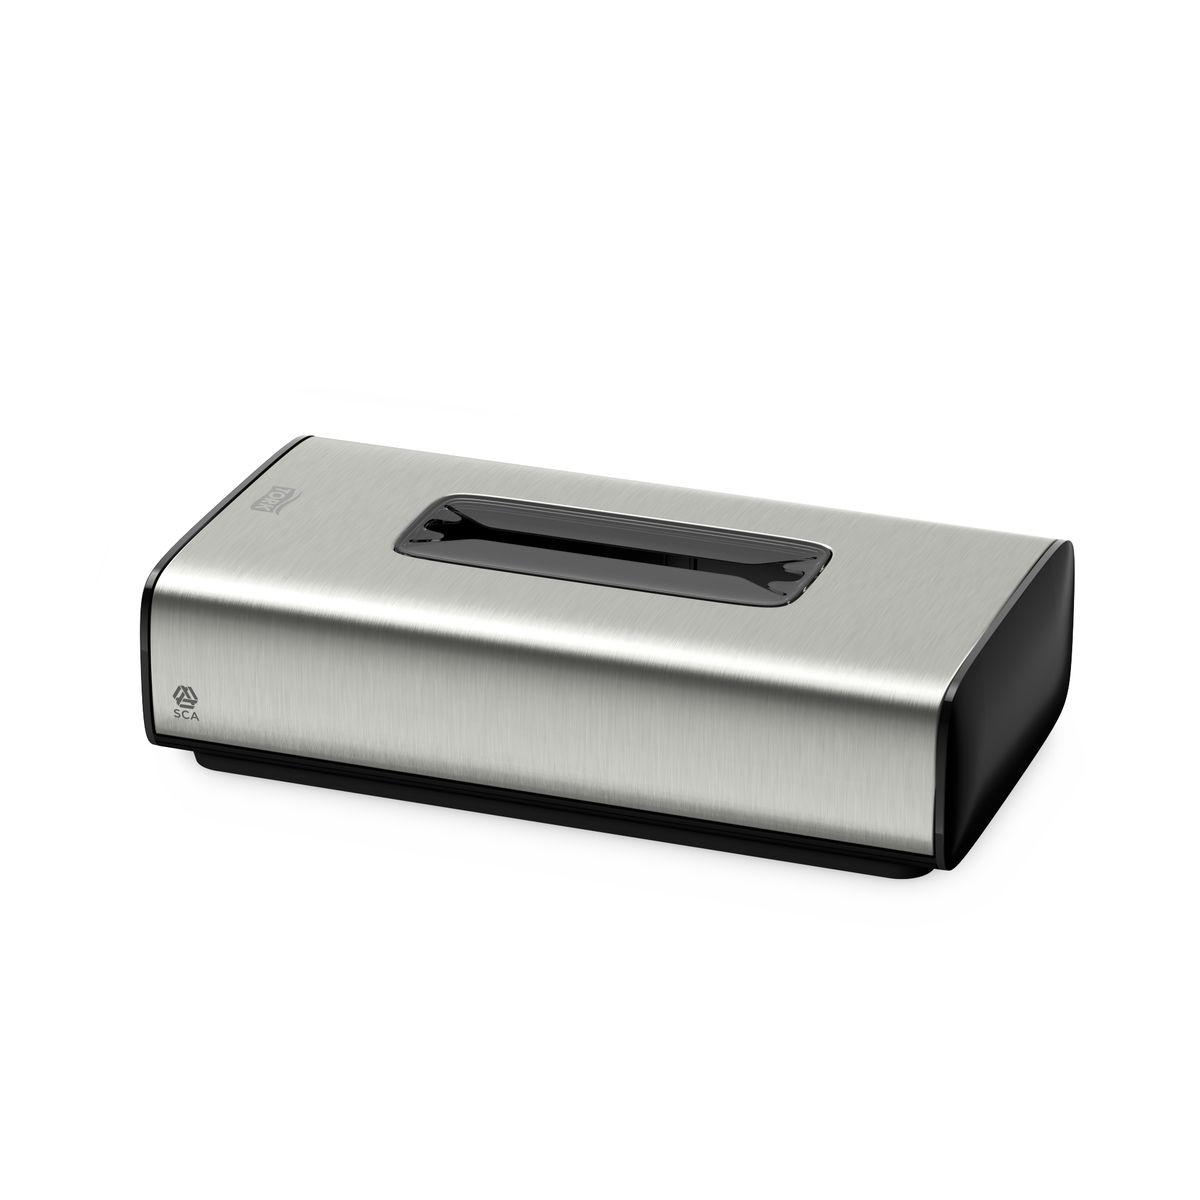 Диспенсер для бумажных полотенец Tork, цвет: металл. 460013460013Tork диспенсер для салфеток для лица (F1), подходит под салфетки для лица Tork F1. Диспенсер легко заправлять и поддерживать в чистоте. Имеет антискользящее покрытие. Возможность крепления на стену.